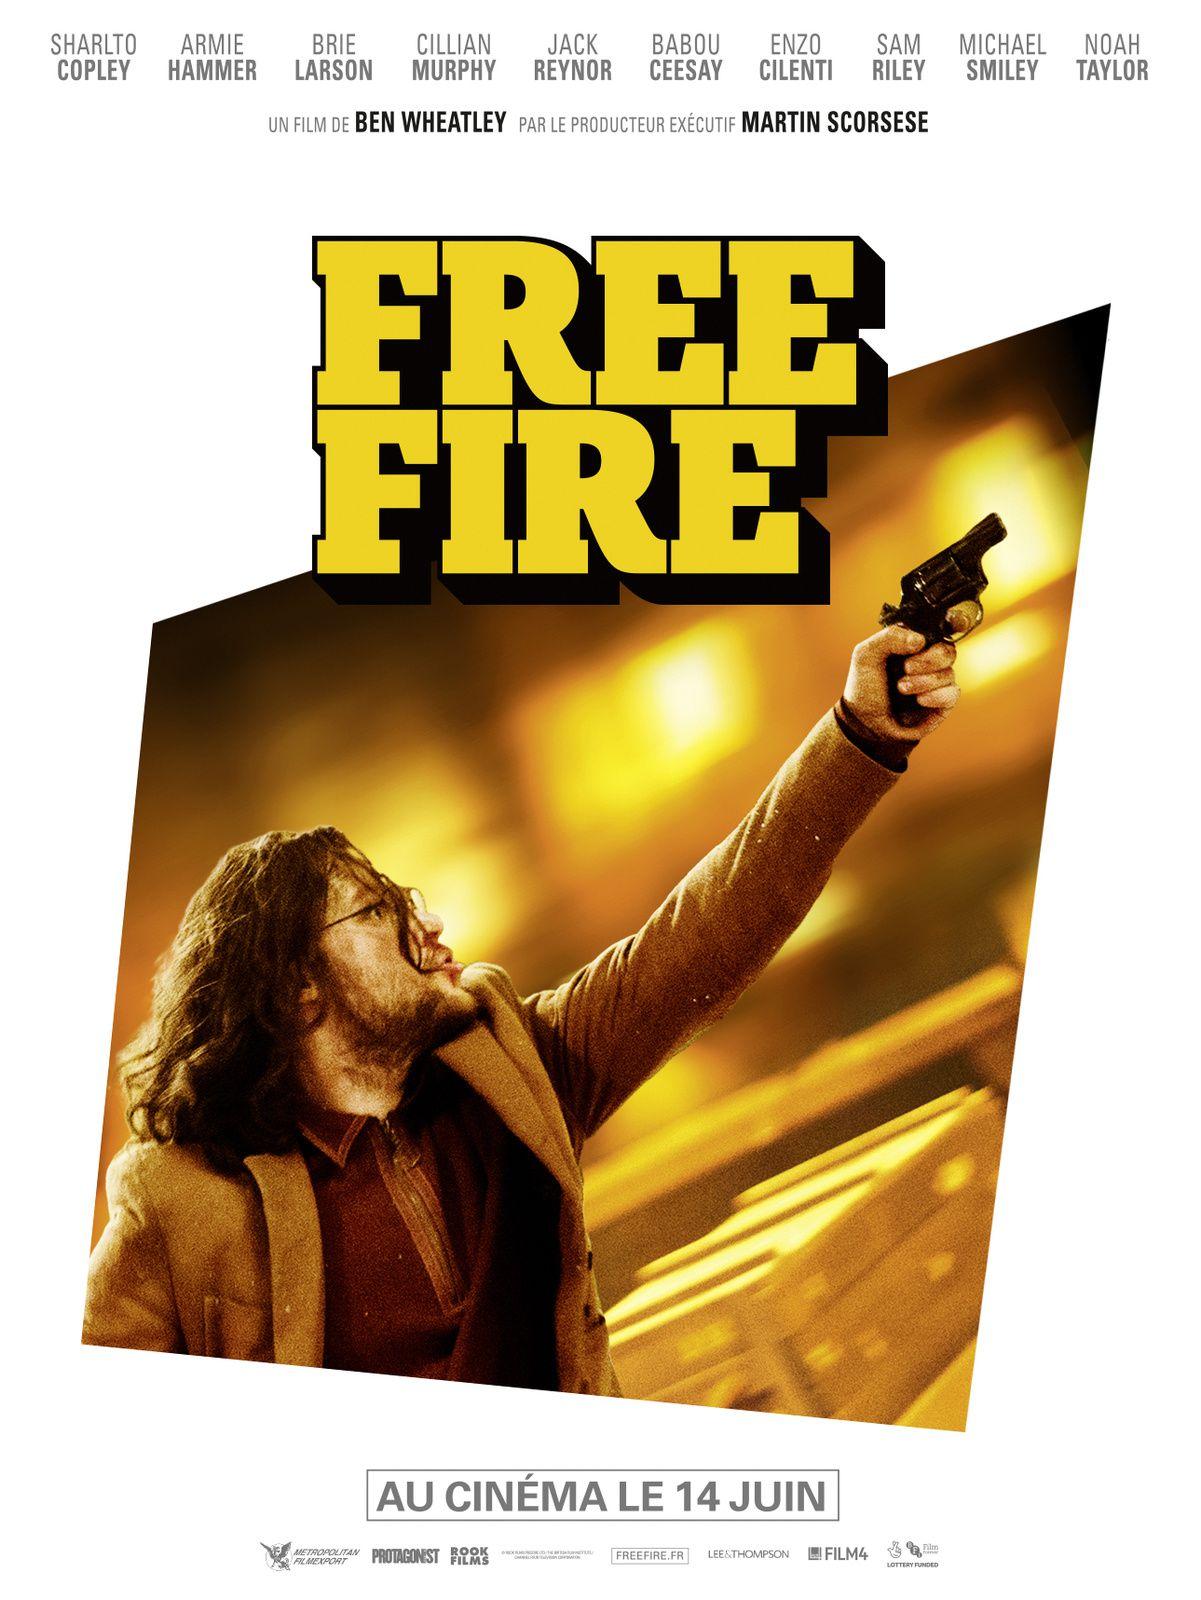 Tous armés. Tous enragés. FREE FIRE le 14 juin 2017 au cinéma ! Découvrez 3 extraits